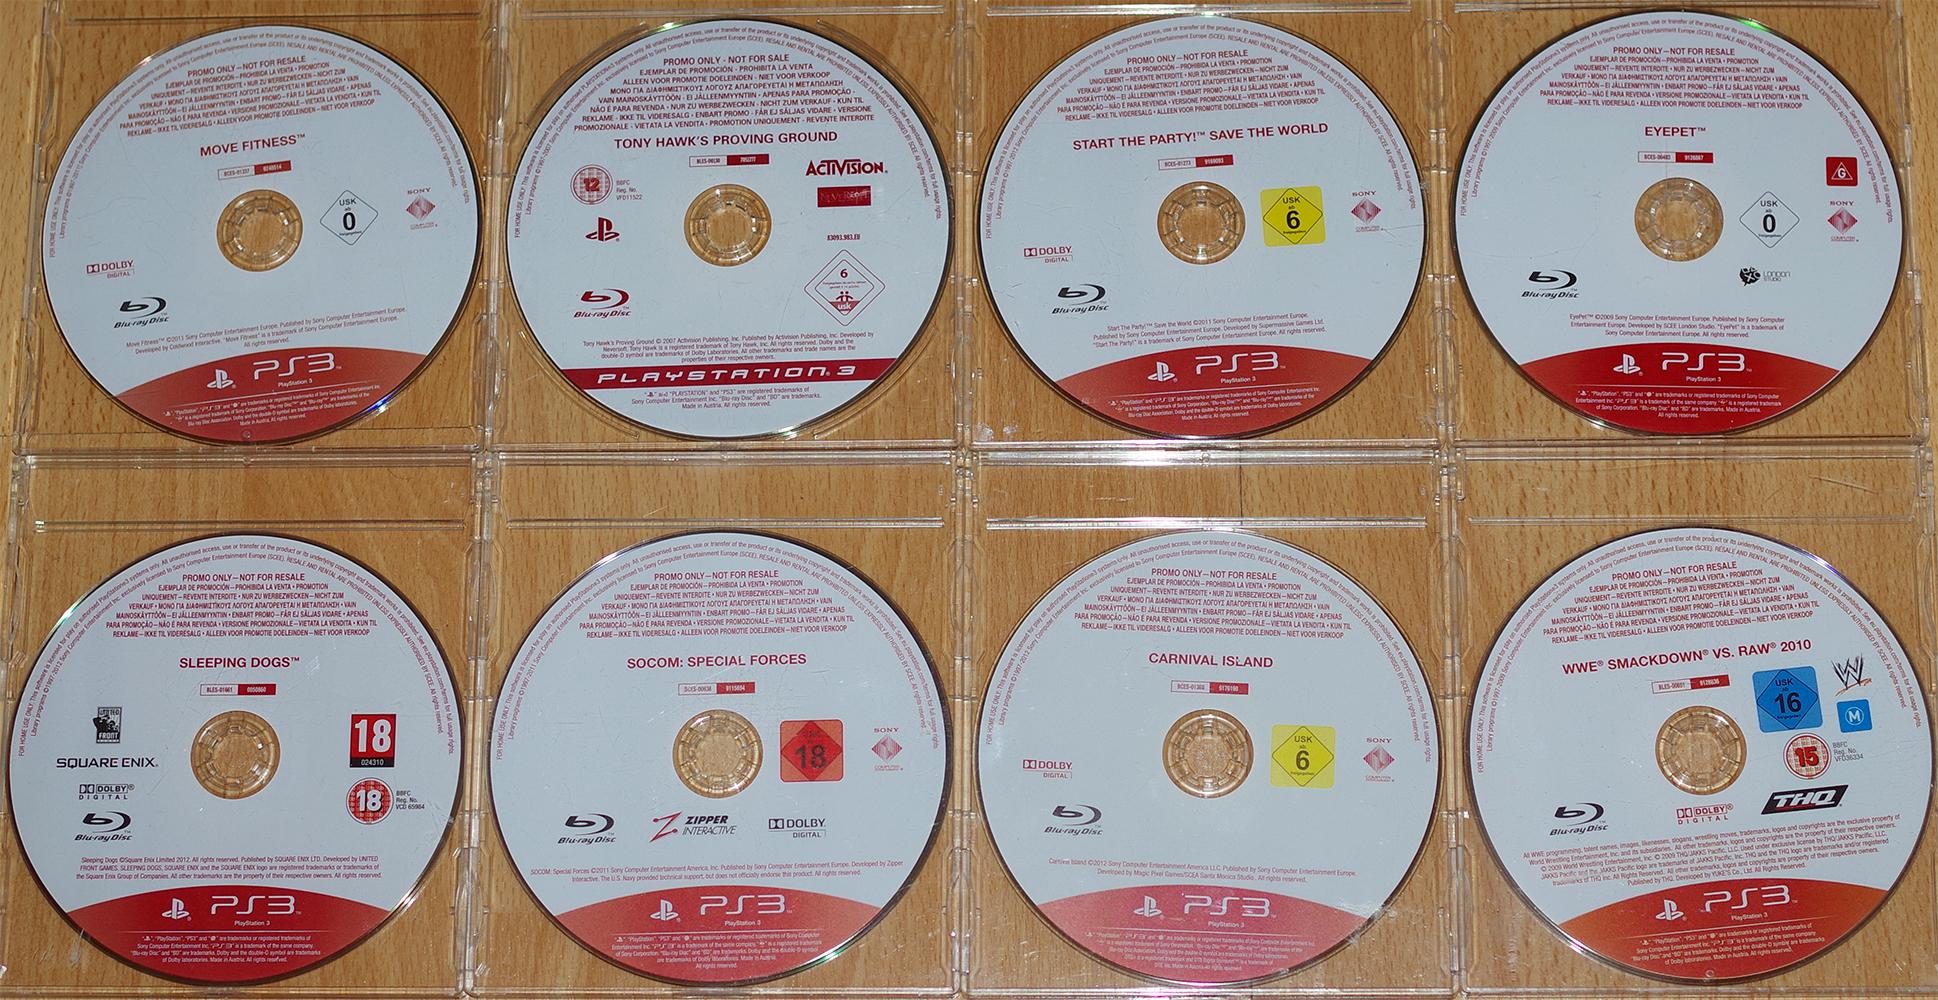 Promo - Vos version Promo en Photos ! 1540430397-004